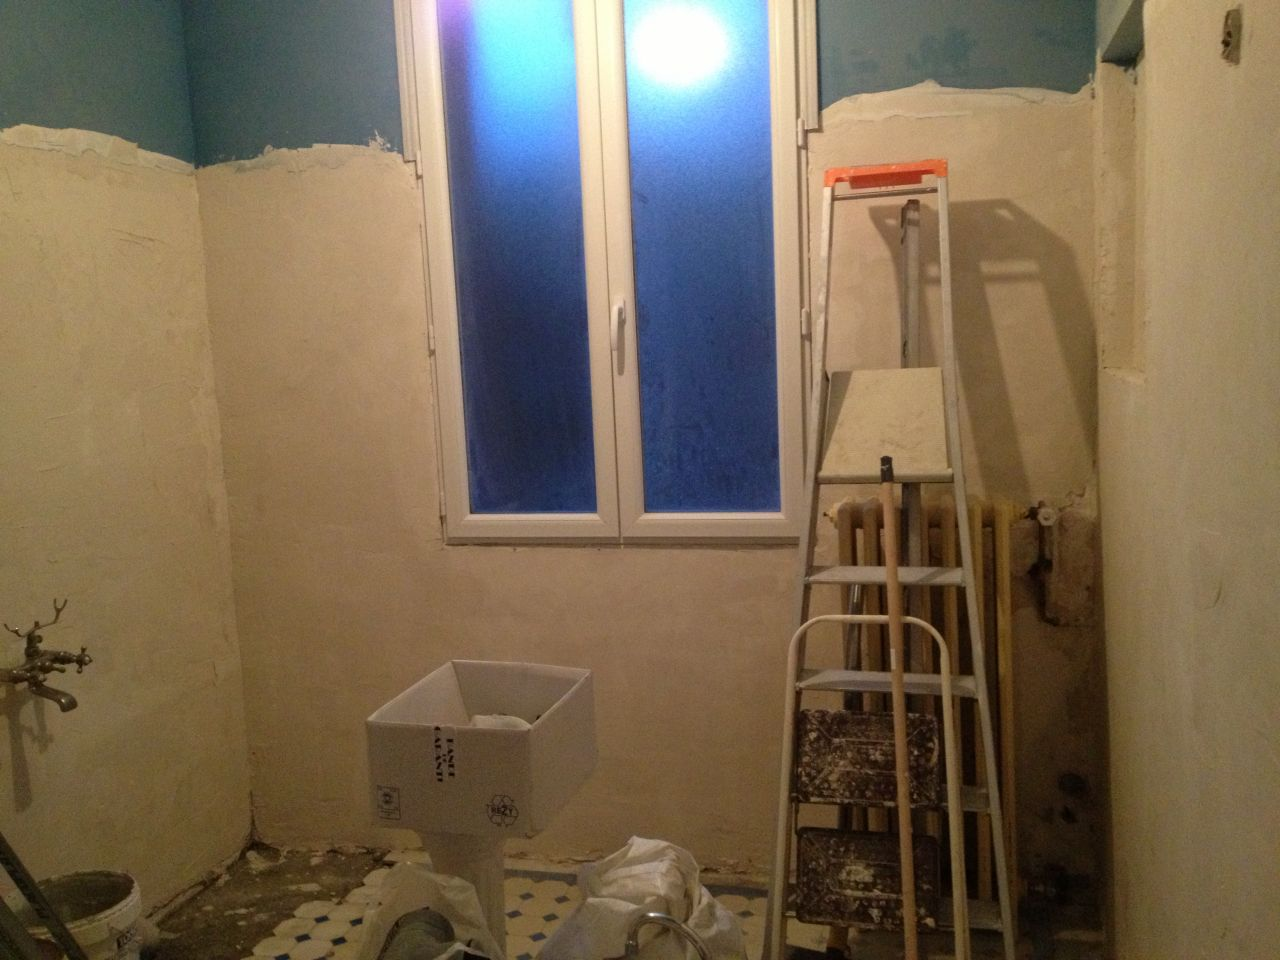 Sdb des murs trous de l 39 enduit salle de bain - Enduit mur salle de bain ...